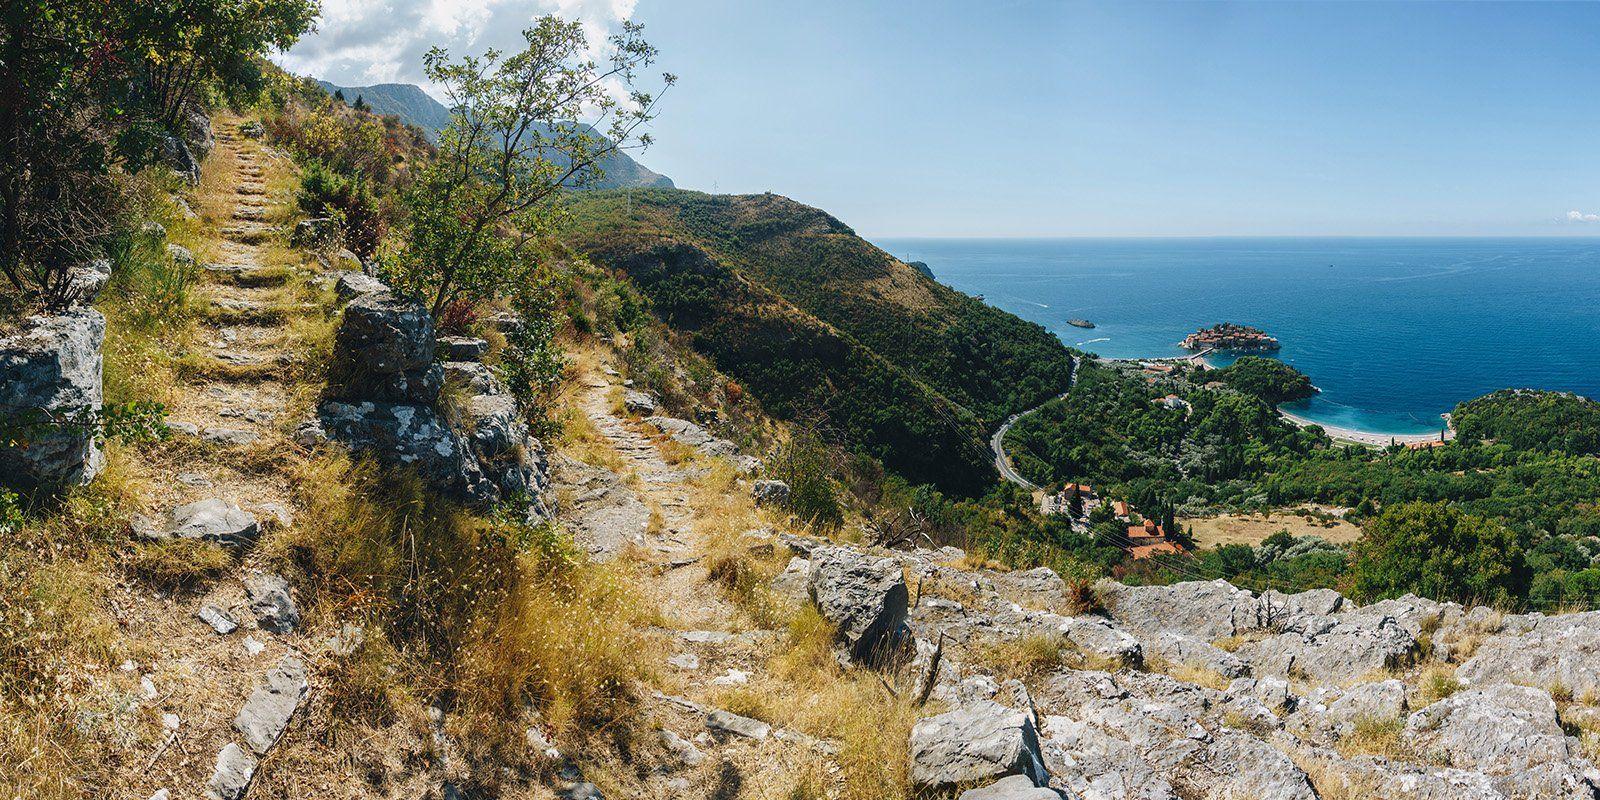 лестница, тропа, пейзаж, море, горы, гора, лето, черногория, деревья, путь, берег, Иван Клейн